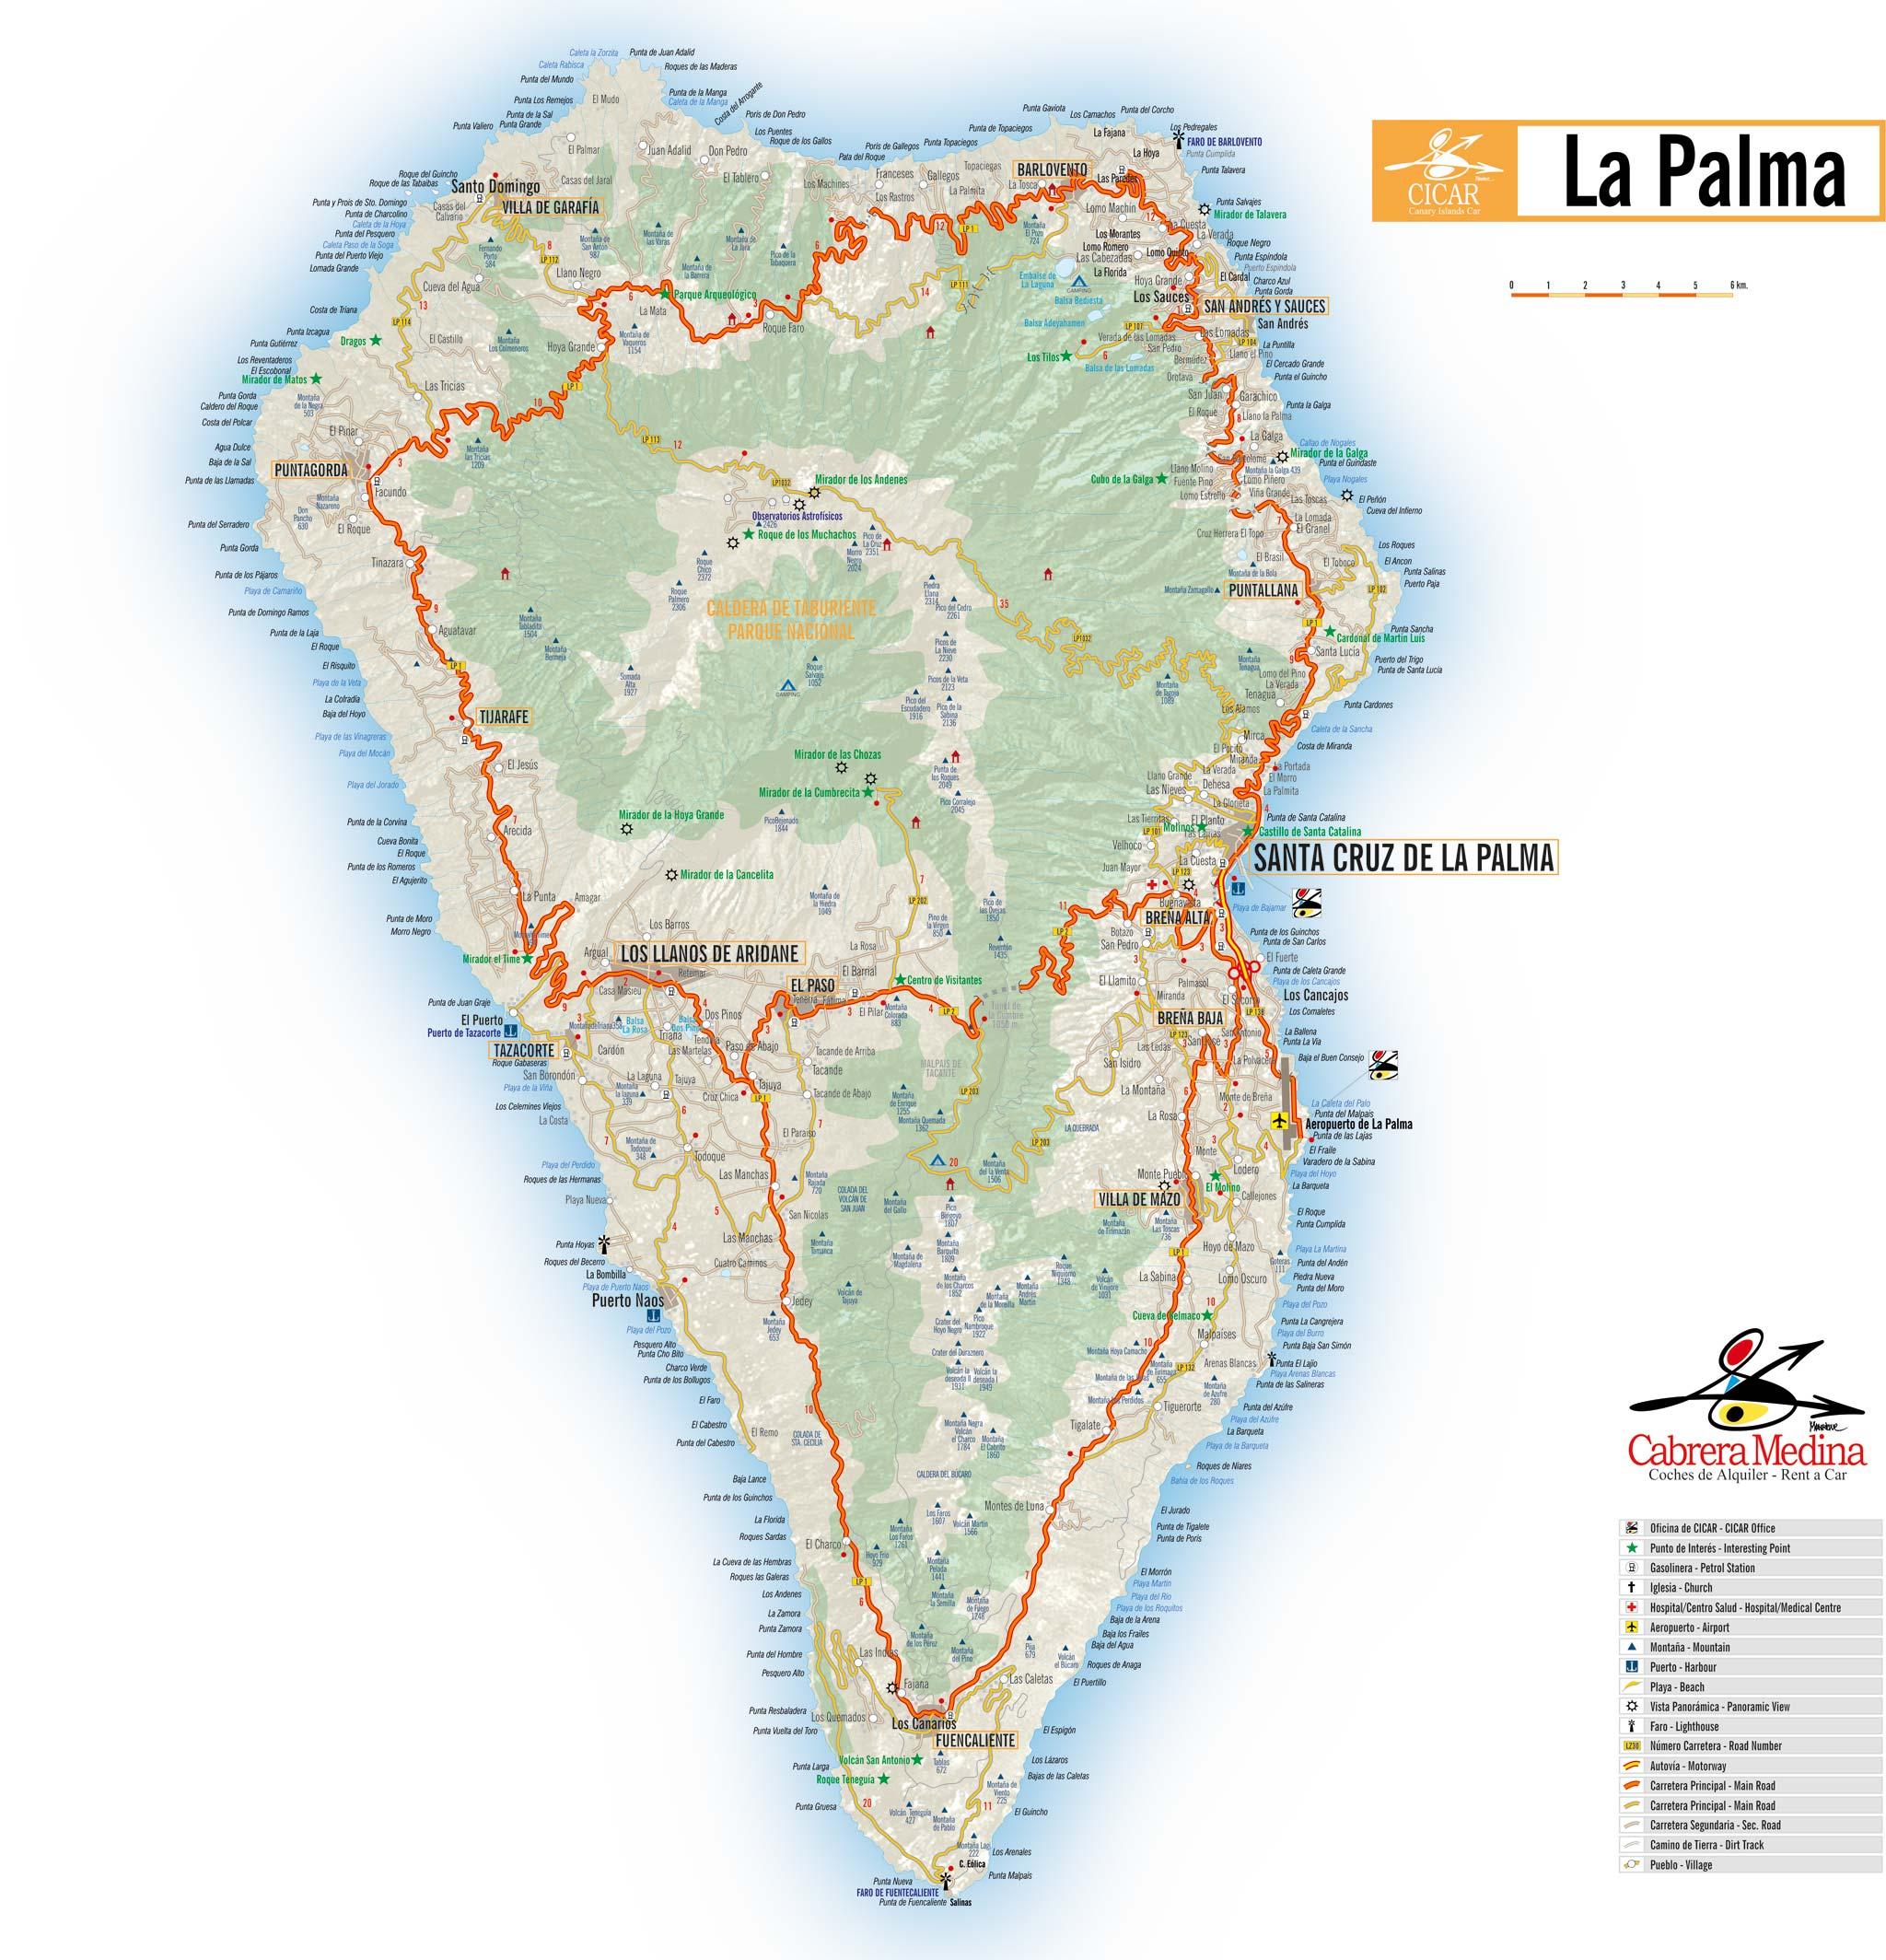 Alquiler de coches en La Palma - Autos Cabrera Medina